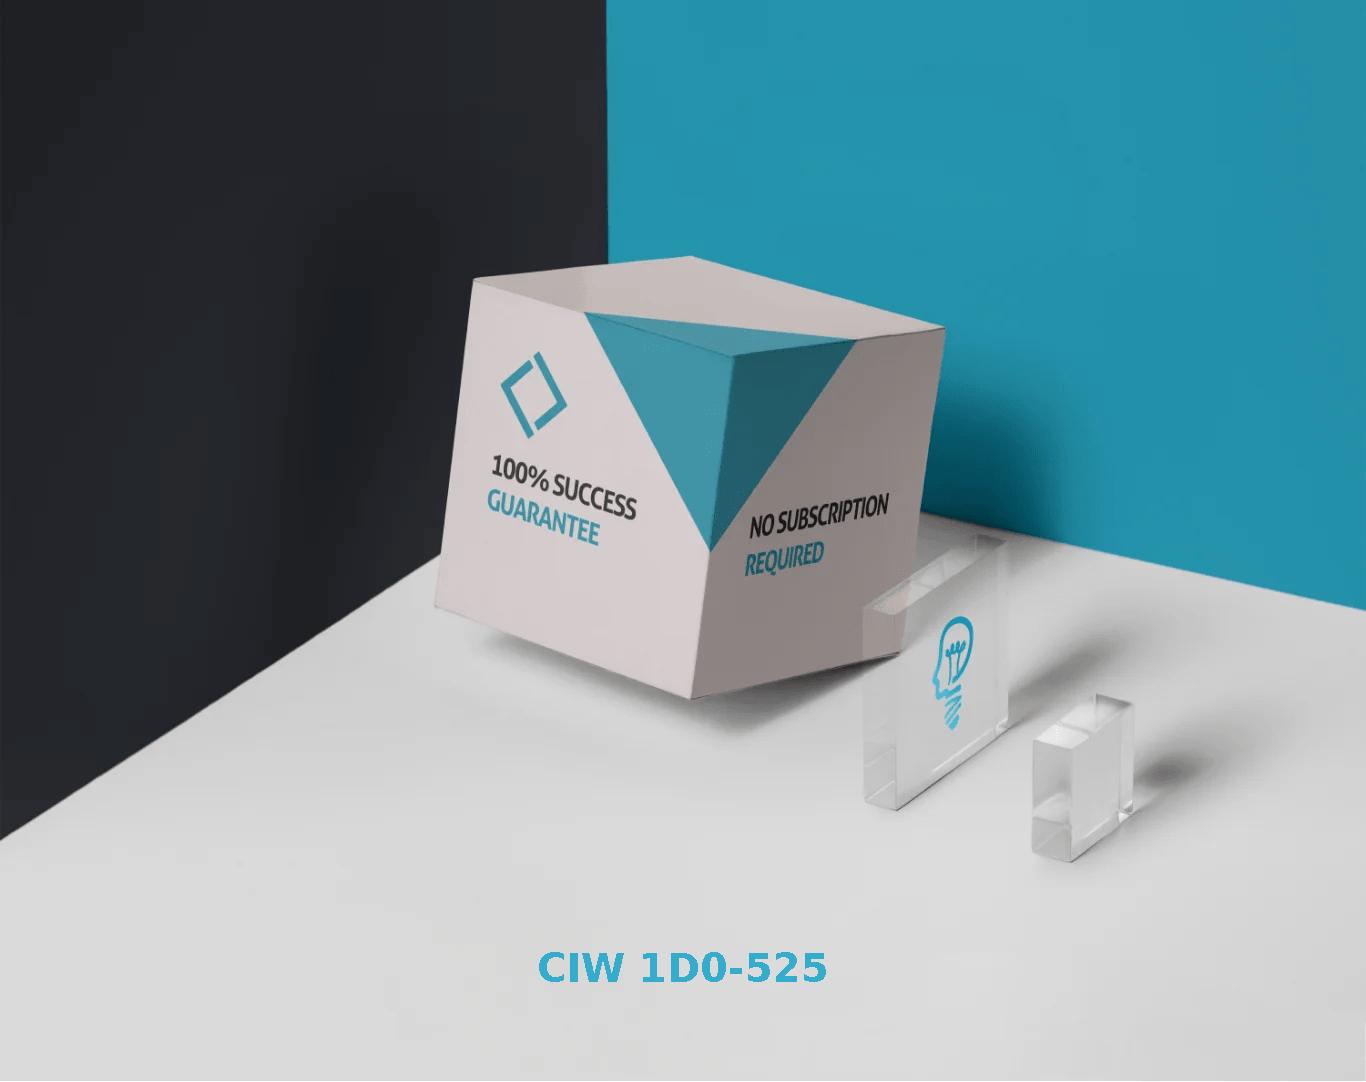 CIW 1D0-525 Exams